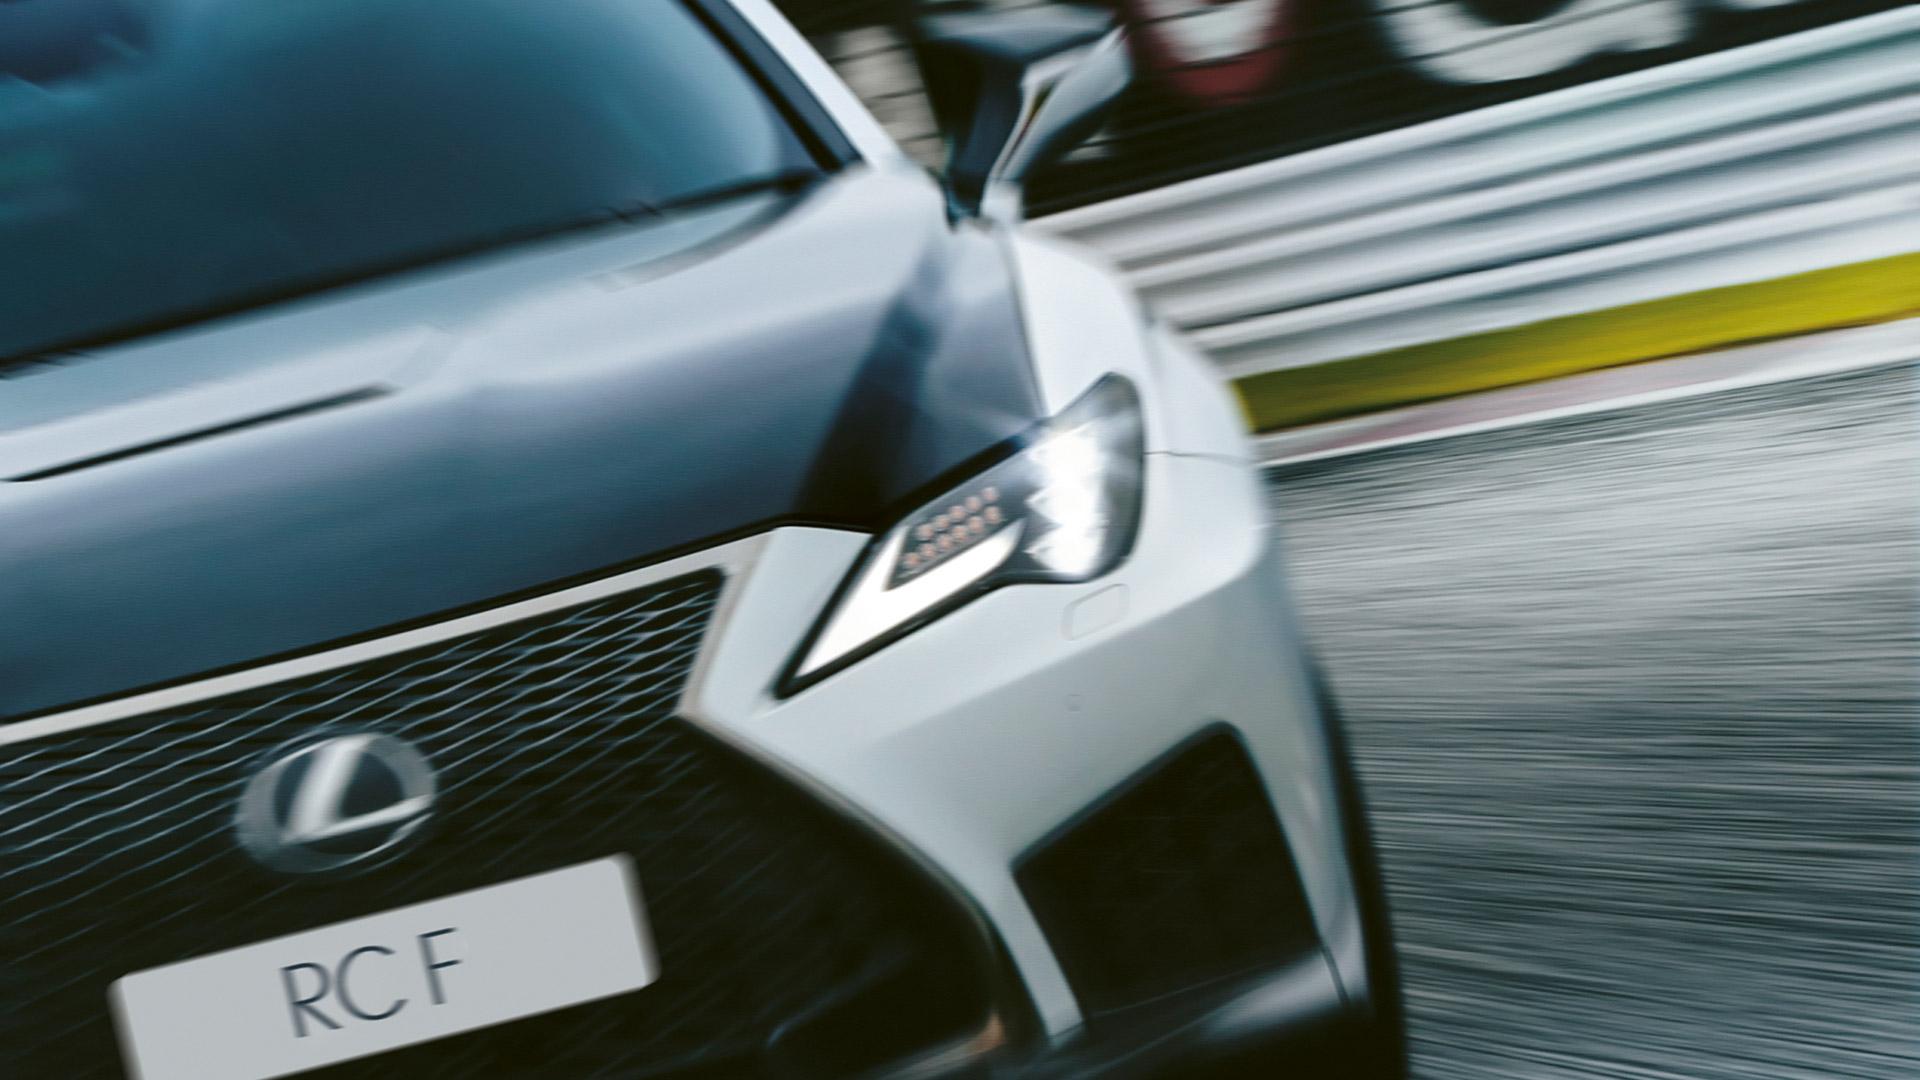 Lexus RC F vorne Scheinwerfer